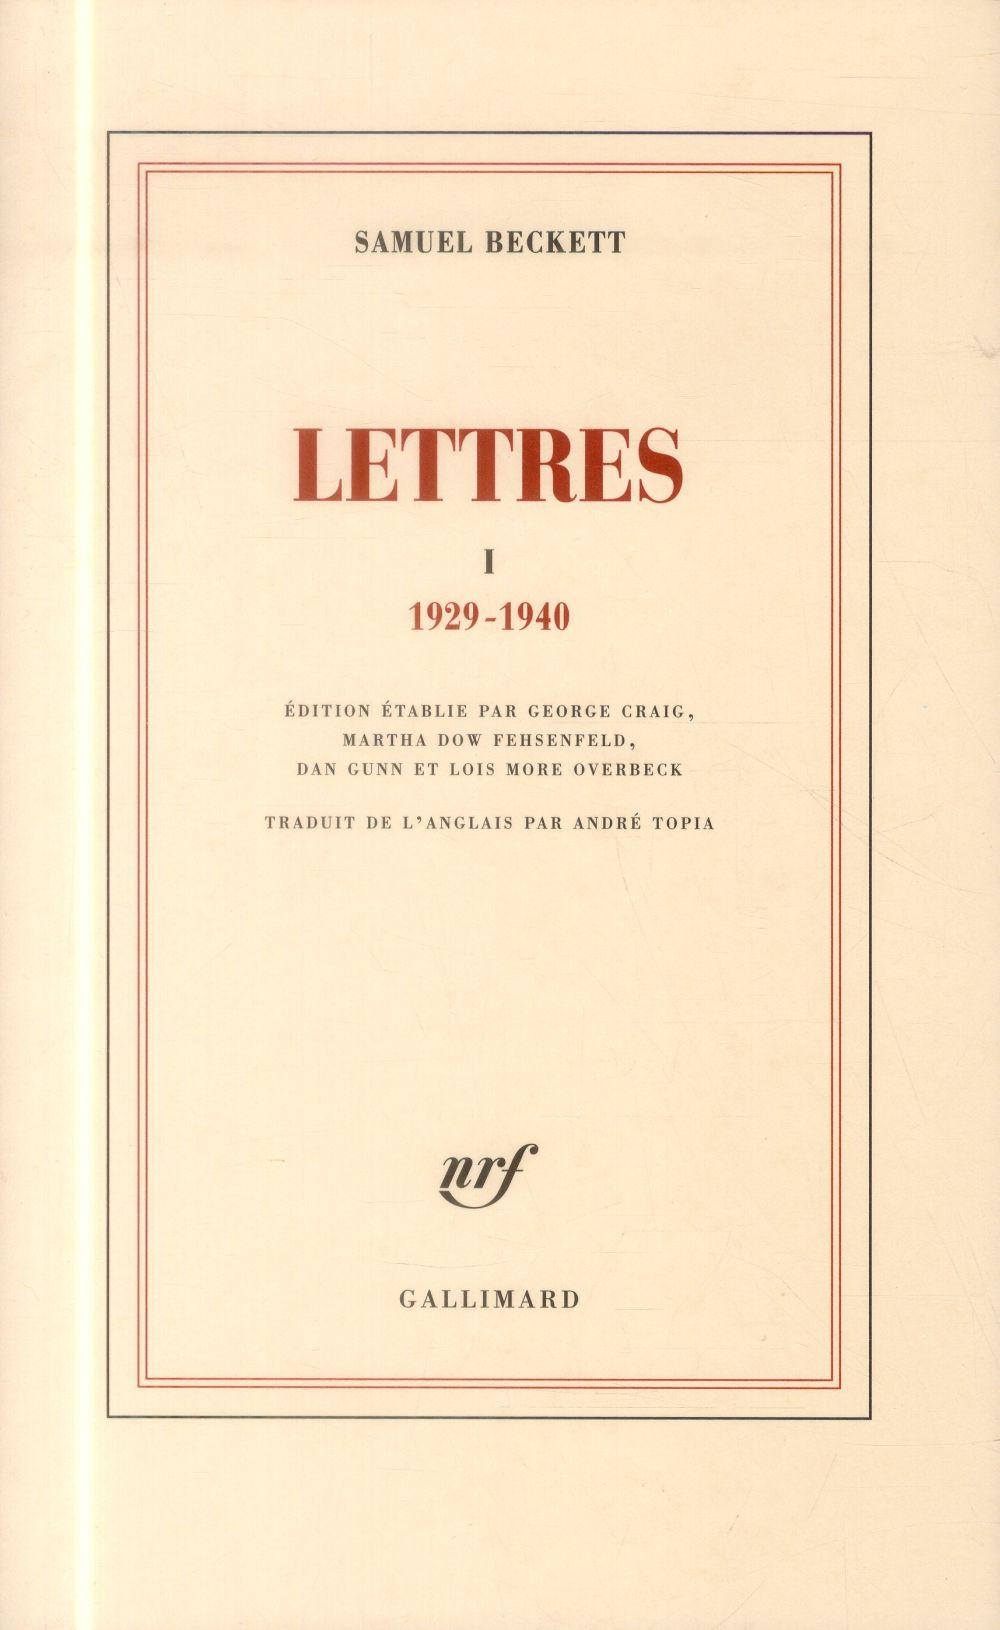 Lettres 1929-1940 Vol.1